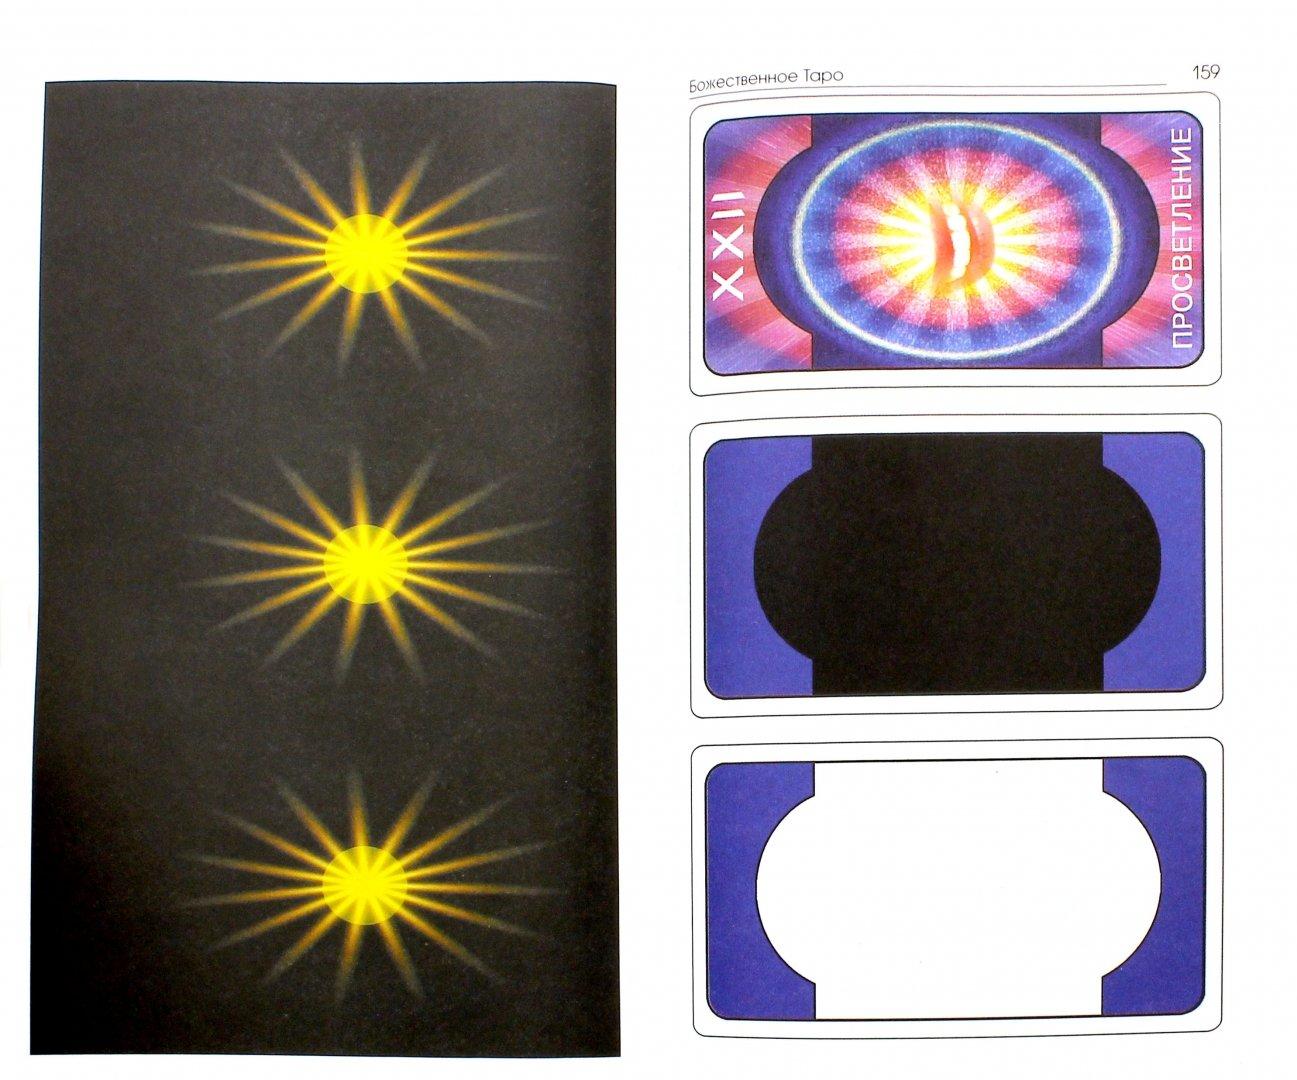 Иллюстрация 1 из 30 для Божественное Таро (книга + карты-вклейка) - Константин Лаврентьев | Лабиринт - книги. Источник: Лабиринт